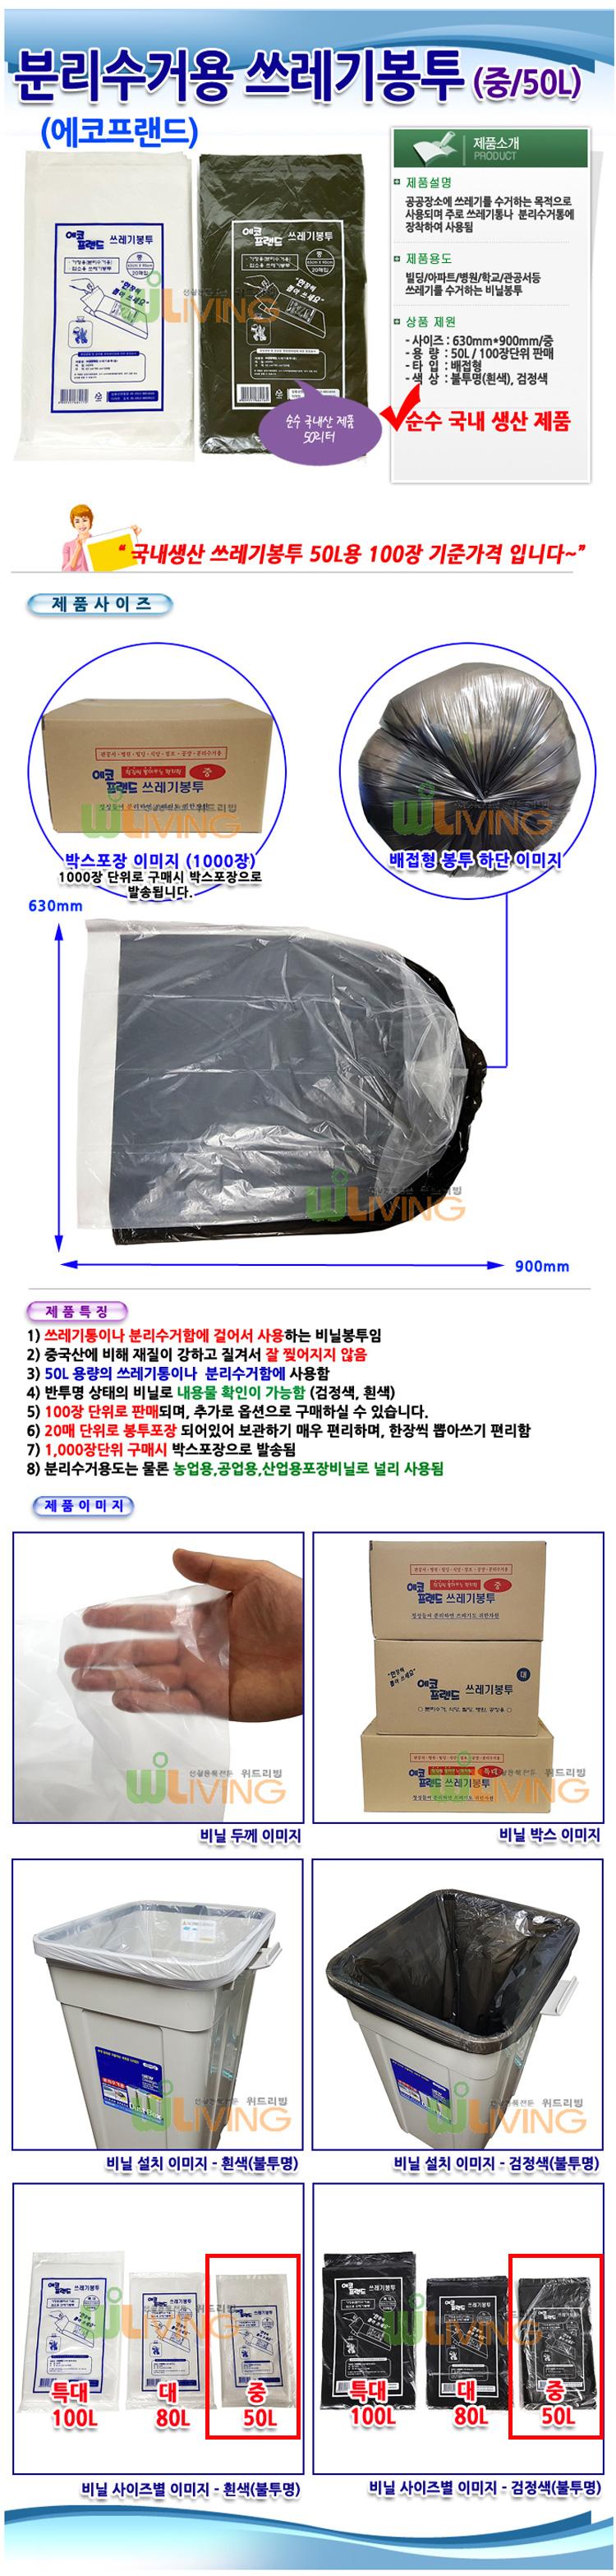 휴지통,쓰레기통,음식물분리수거,쓰레기봉투,종량제,청소용품